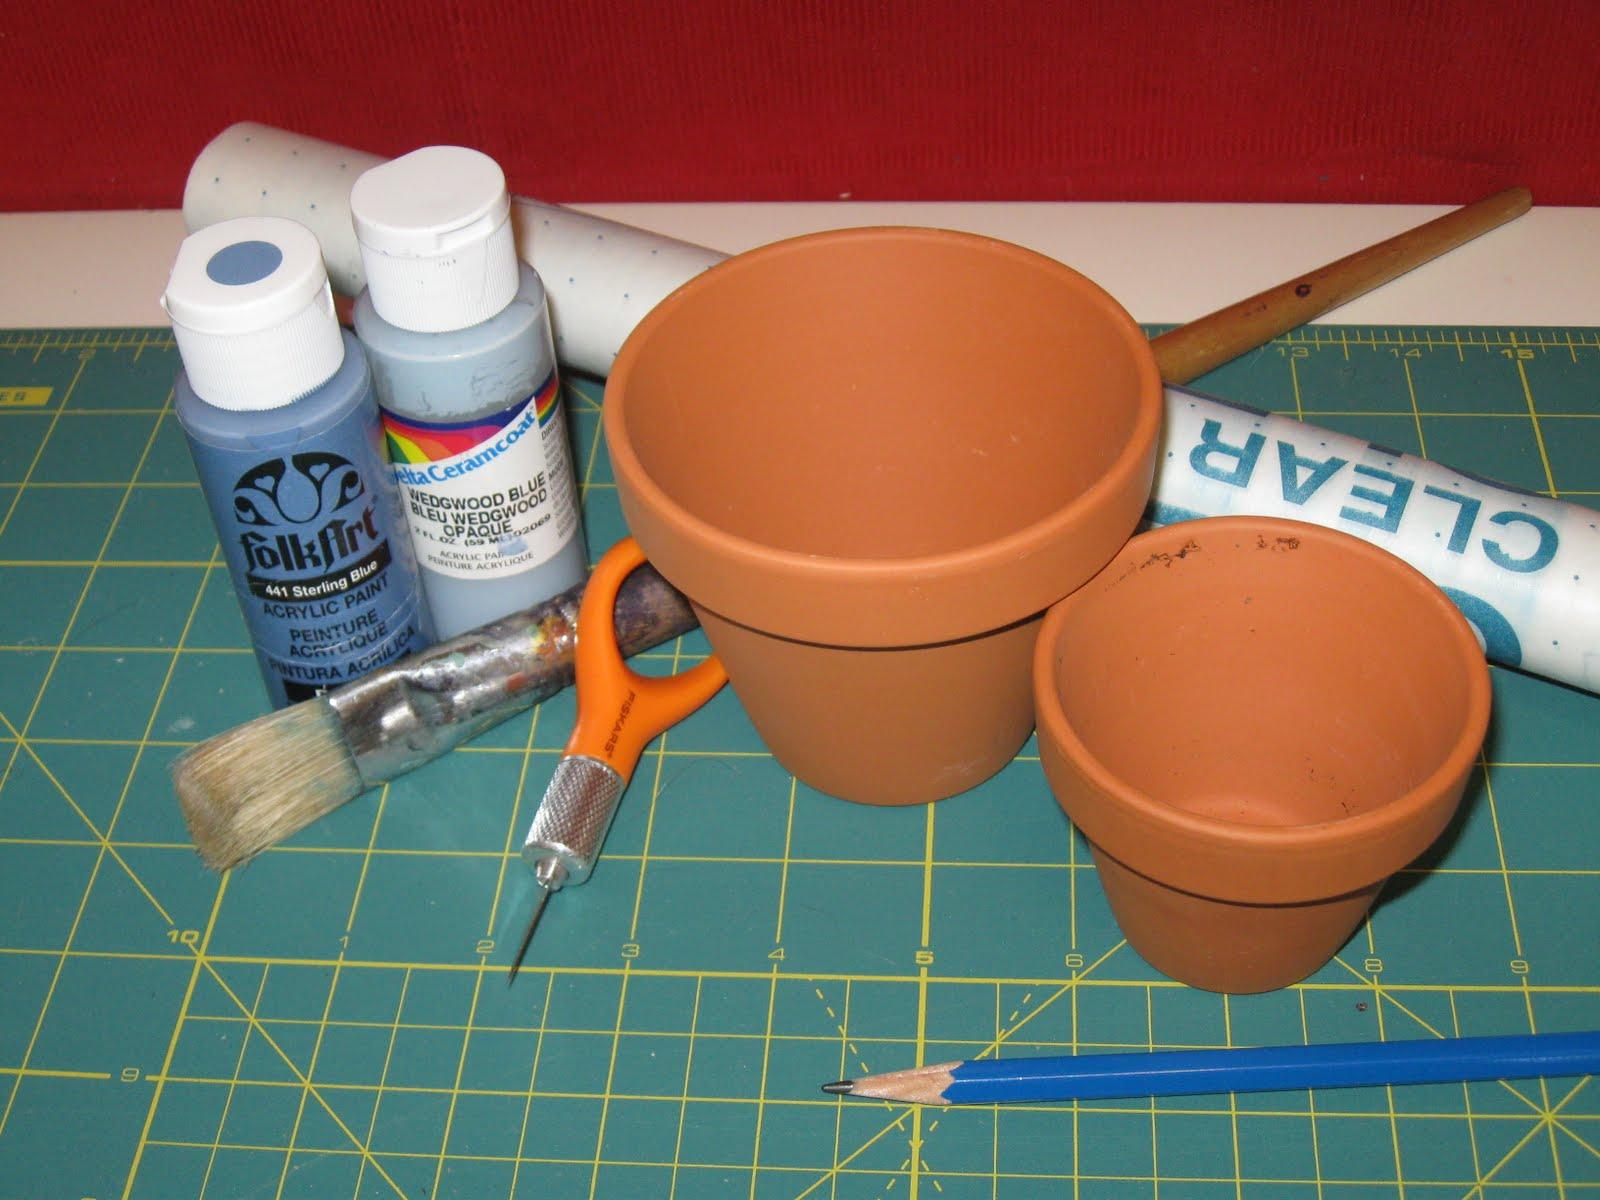 http://1.bp.blogspot.com/_DNgDSWWB-nI/S9m9AOHpguI/AAAAAAAAA7s/E8fnULuCgnI/s1600/clay_pot_supplies.jpg